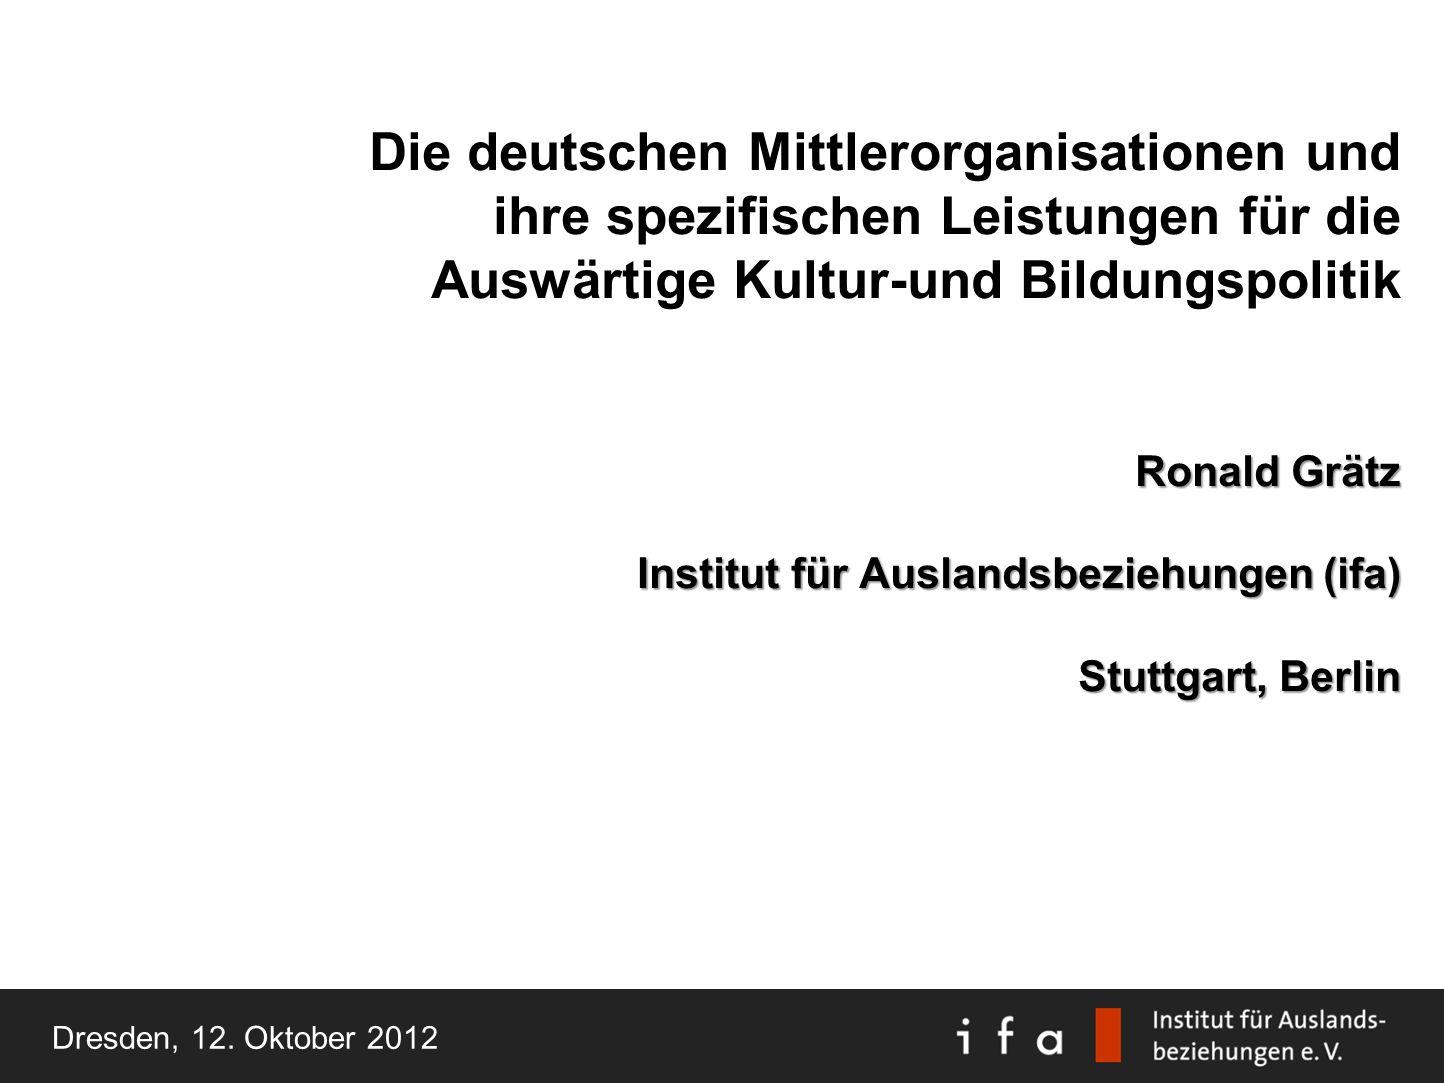 Die deutschen Mittlerorganisationen und ihre spezifischen Leistungen für die Auswärtige Kultur-und Bildungspolitik Ronald Grätz Institut für Auslandsbeziehungen (ifa) Stuttgart, Berlin